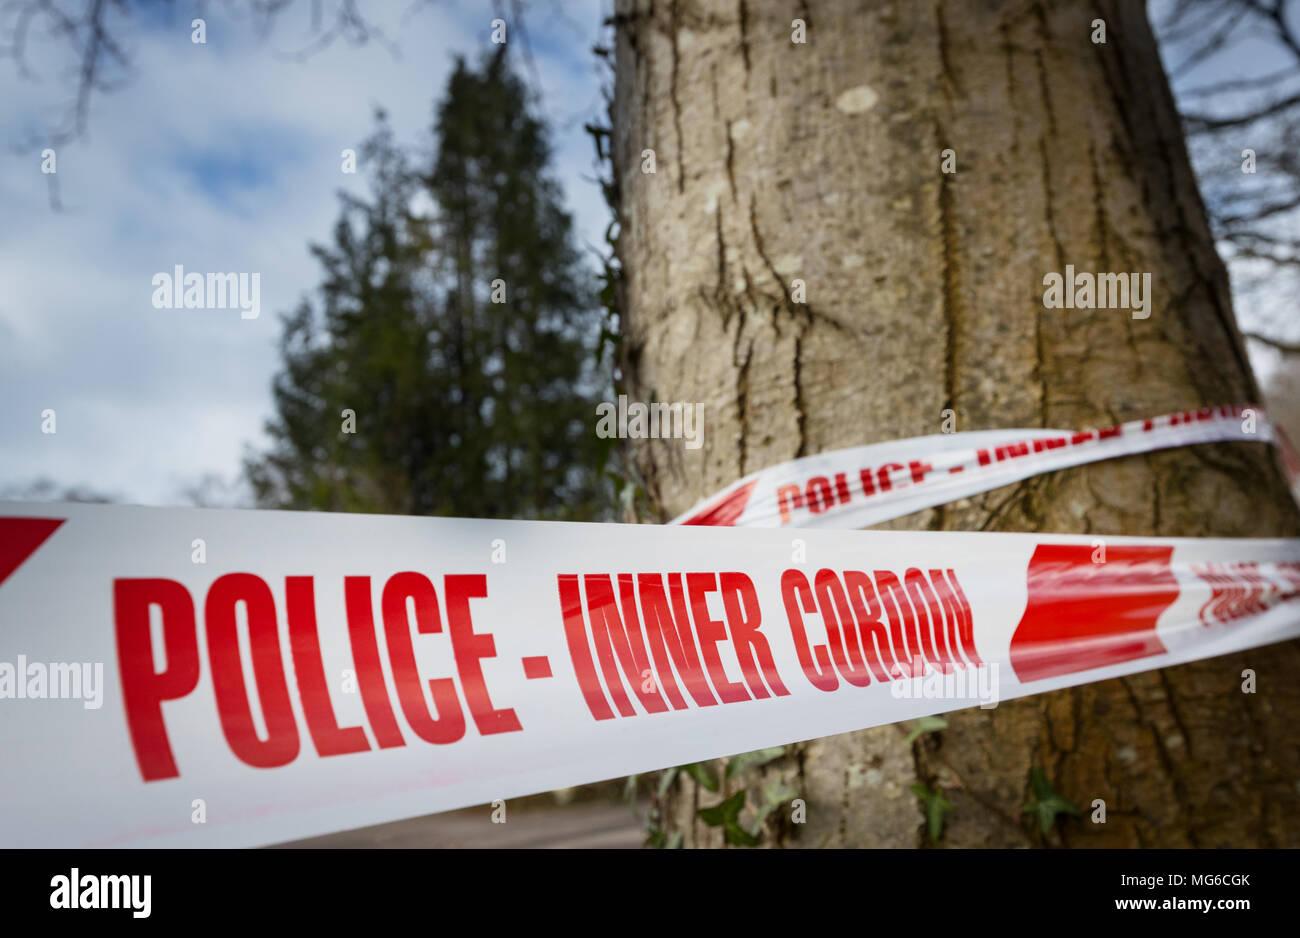 La policía cordón interior cinta envuelta alrededor de un árbol Imagen De Stock